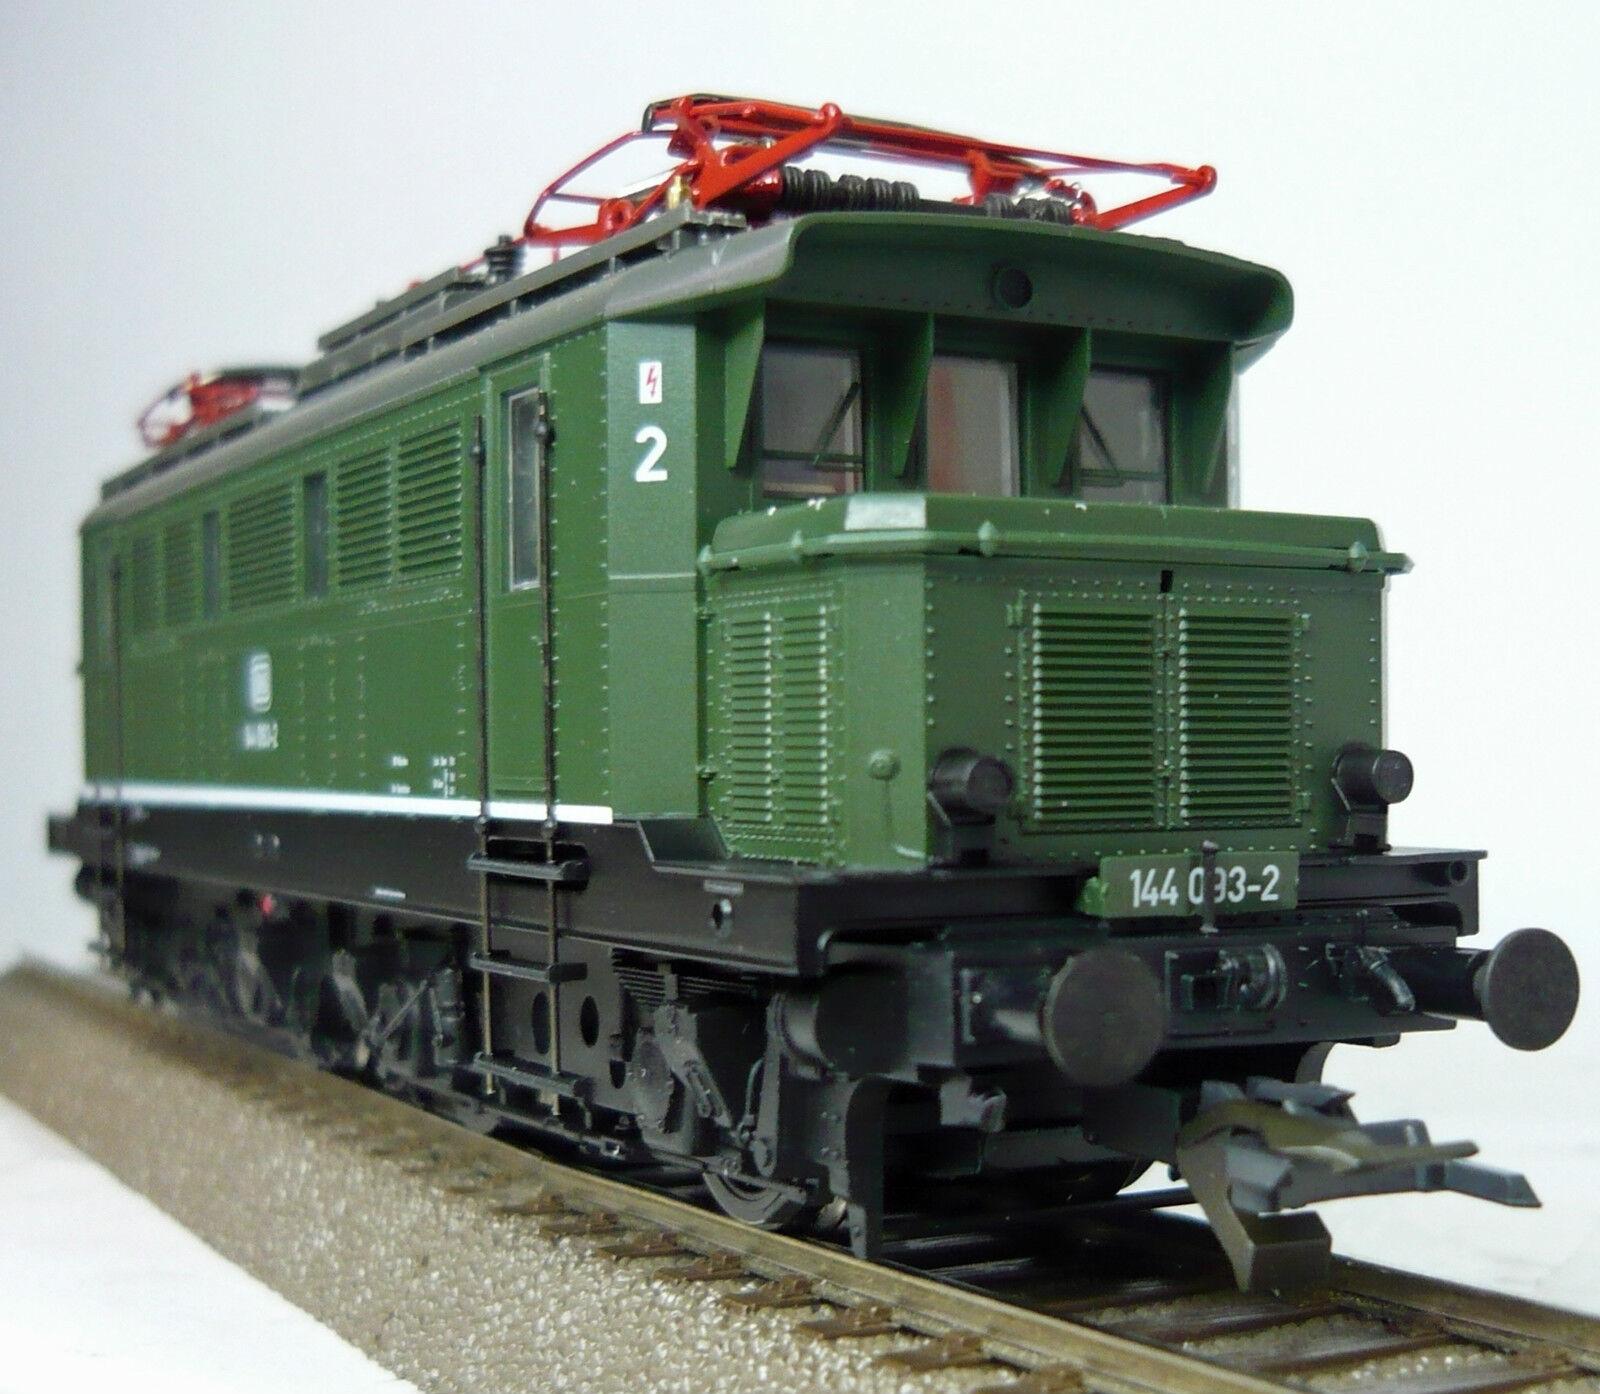 Roco 63614 ellok de la DB br 144 093-2 h0 nuevo & en embalaje original